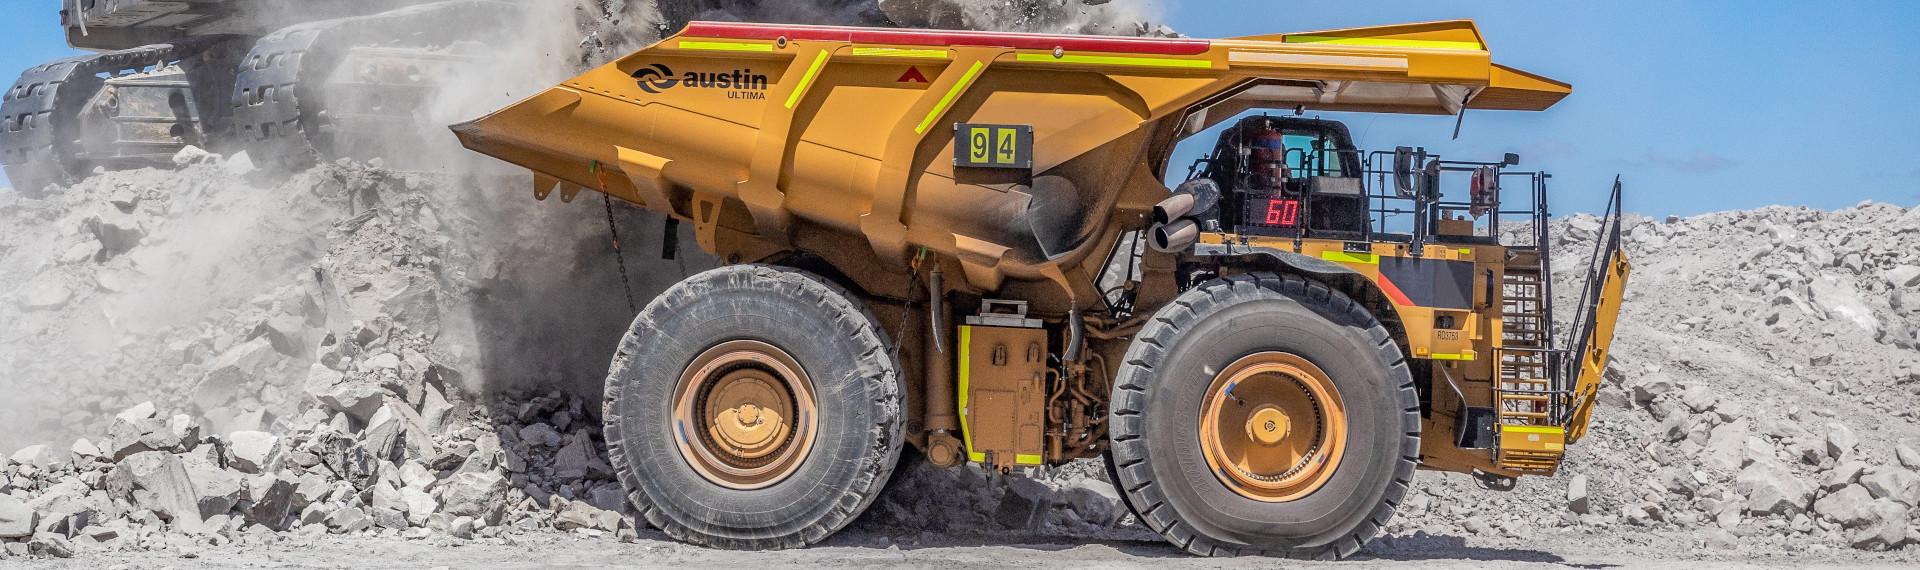 Gigantyczna wywrotka górnicza Austin, która waży 25% mniej dzięki Hardox® 500 Tuf